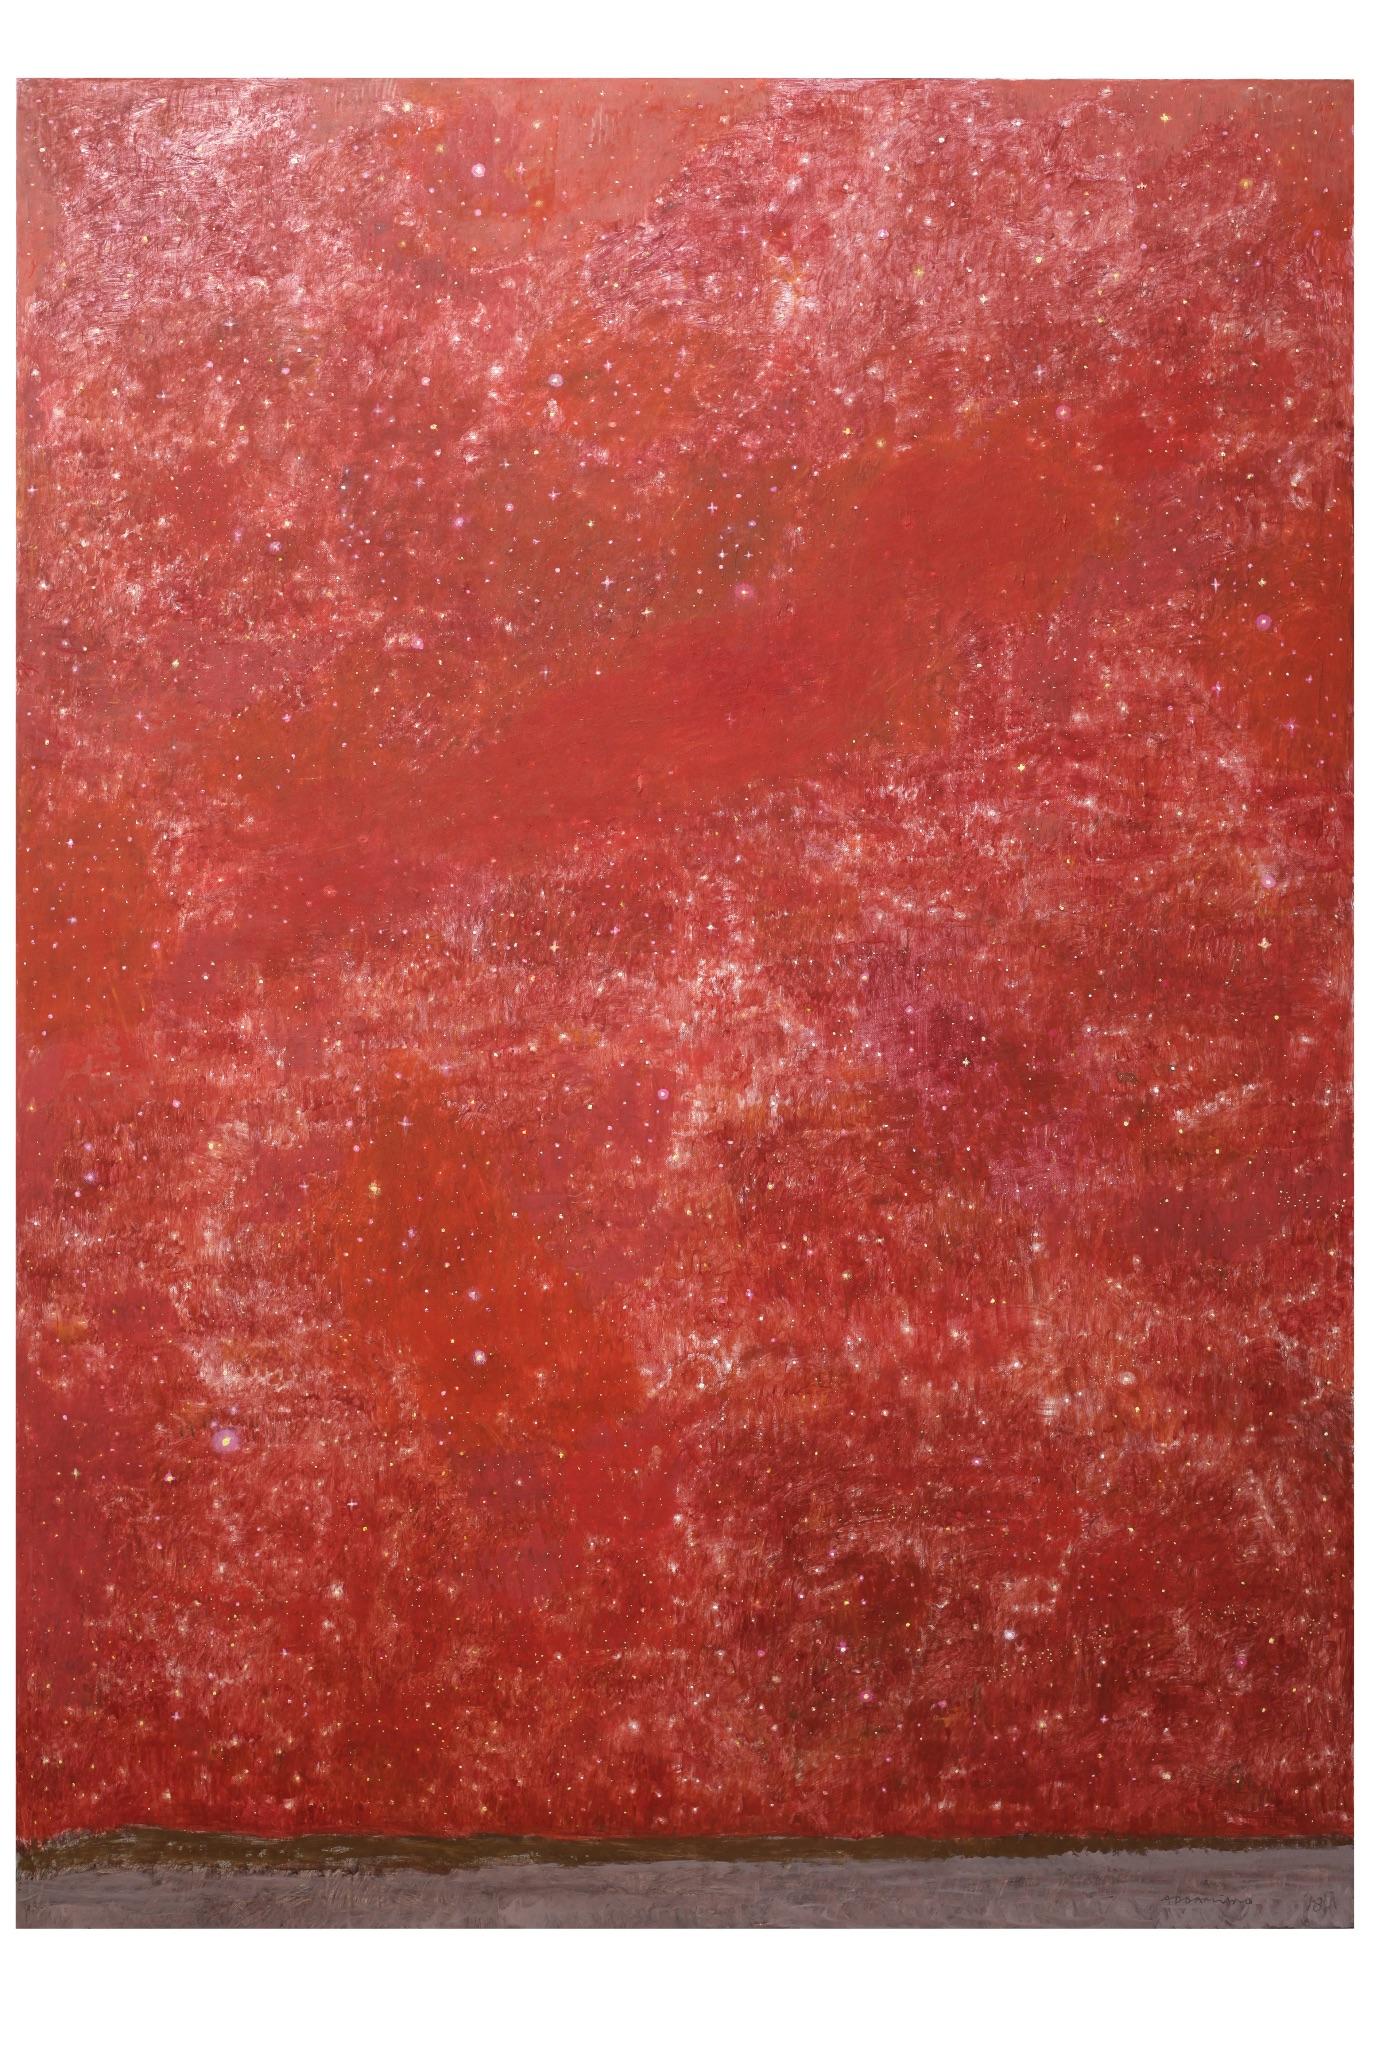 Colori In Luce Correggio natale addamiano biography | art collection online for sale